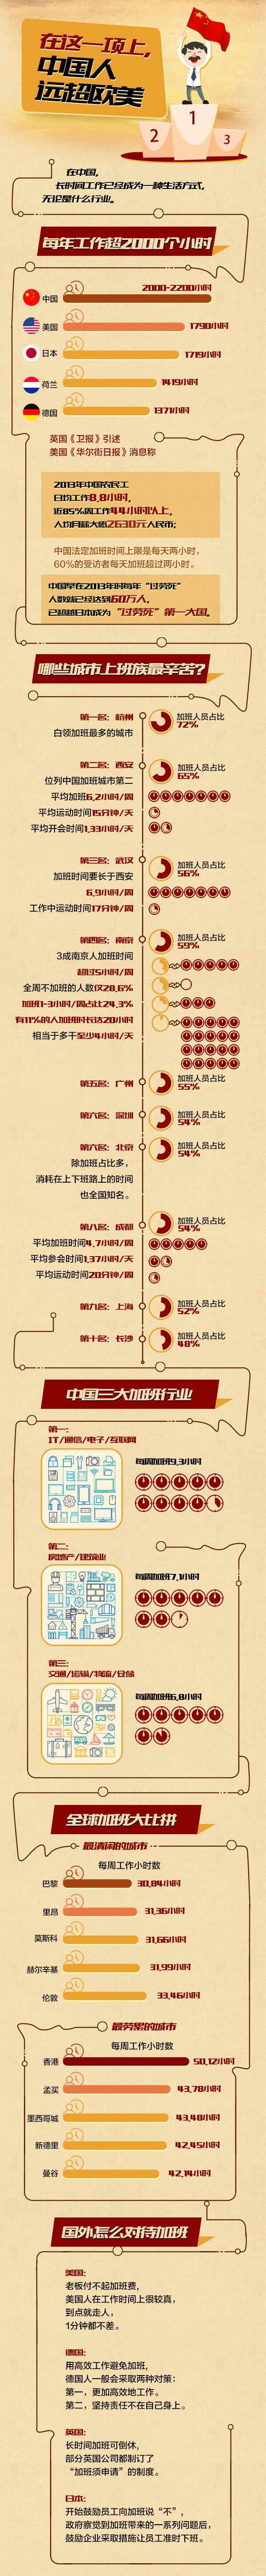 中国人远超欧美事项图片